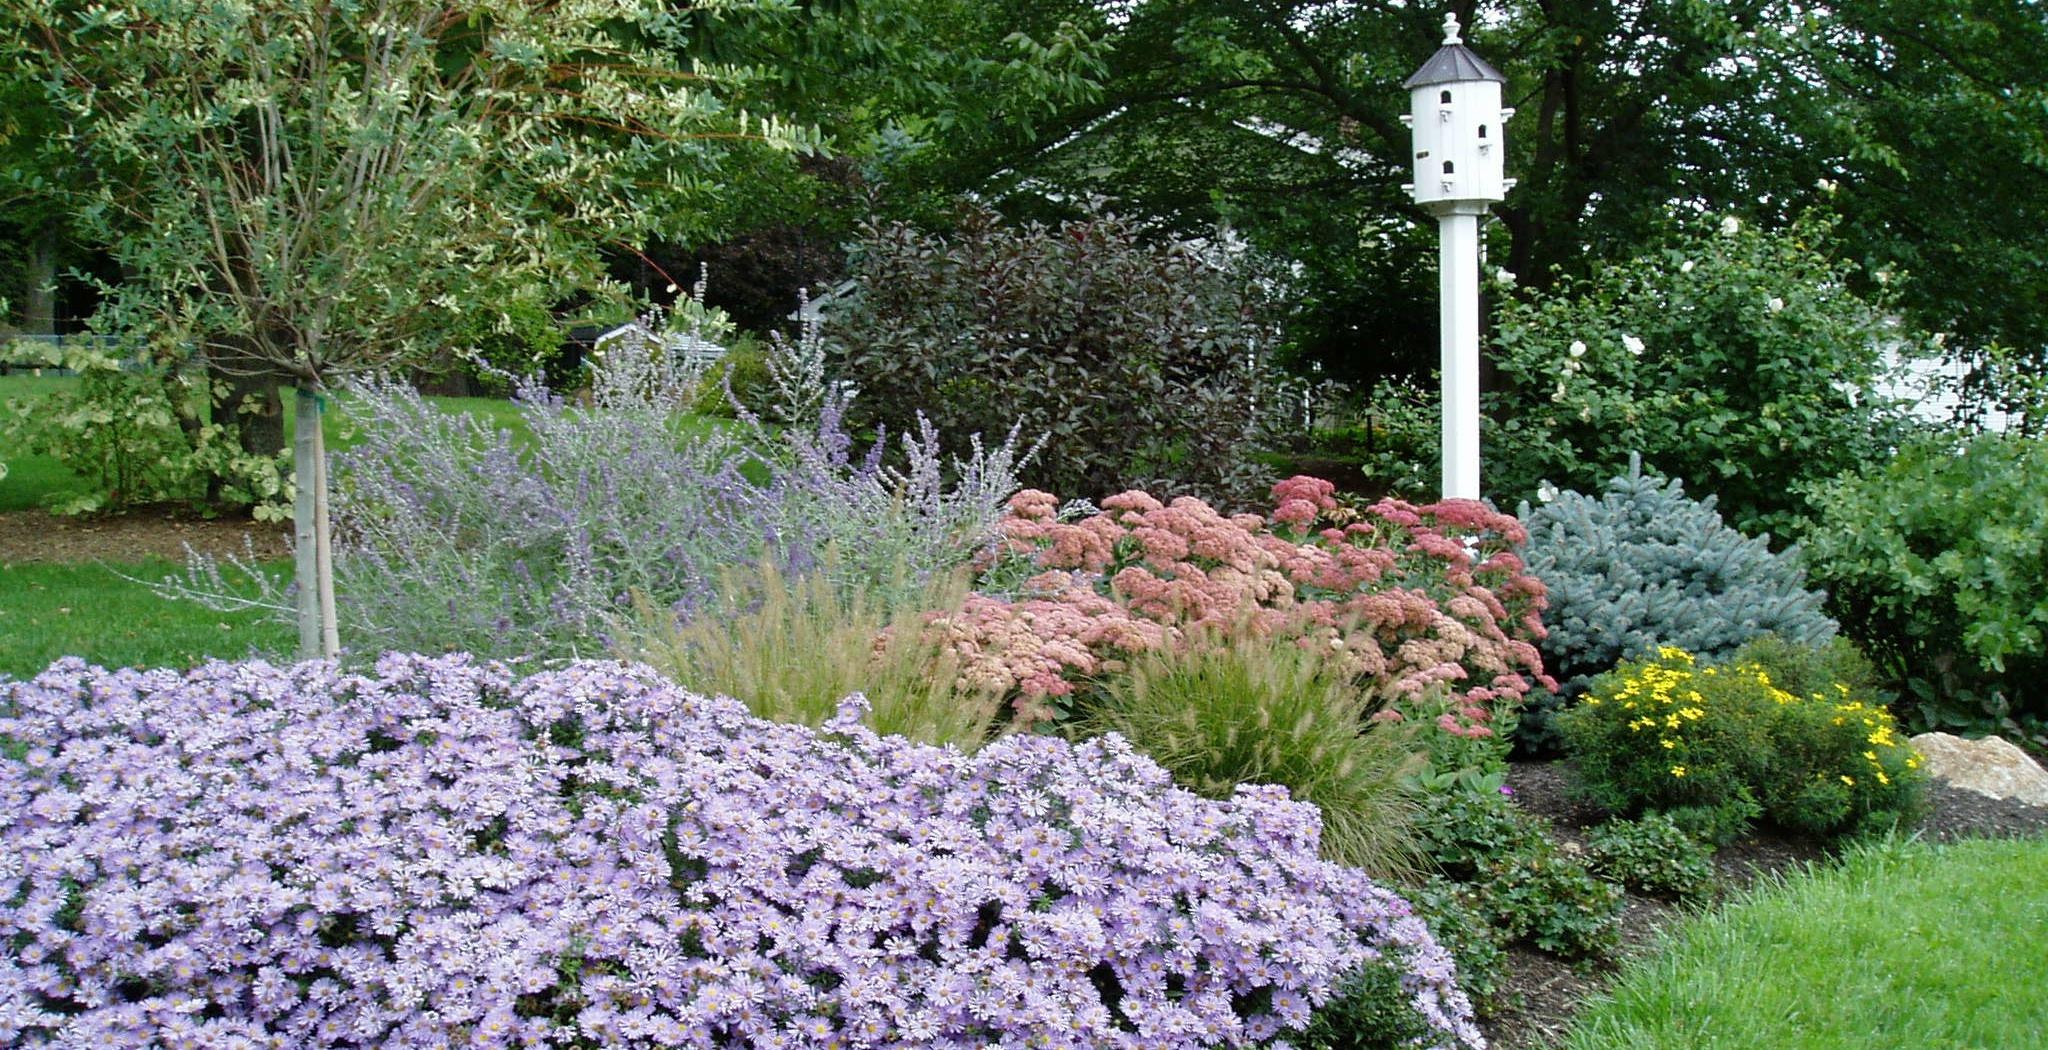 Flower Power - 10 fáciles plantas que pueden tomar el calor y florecer todos los jardines de verano / Armstrong Garden